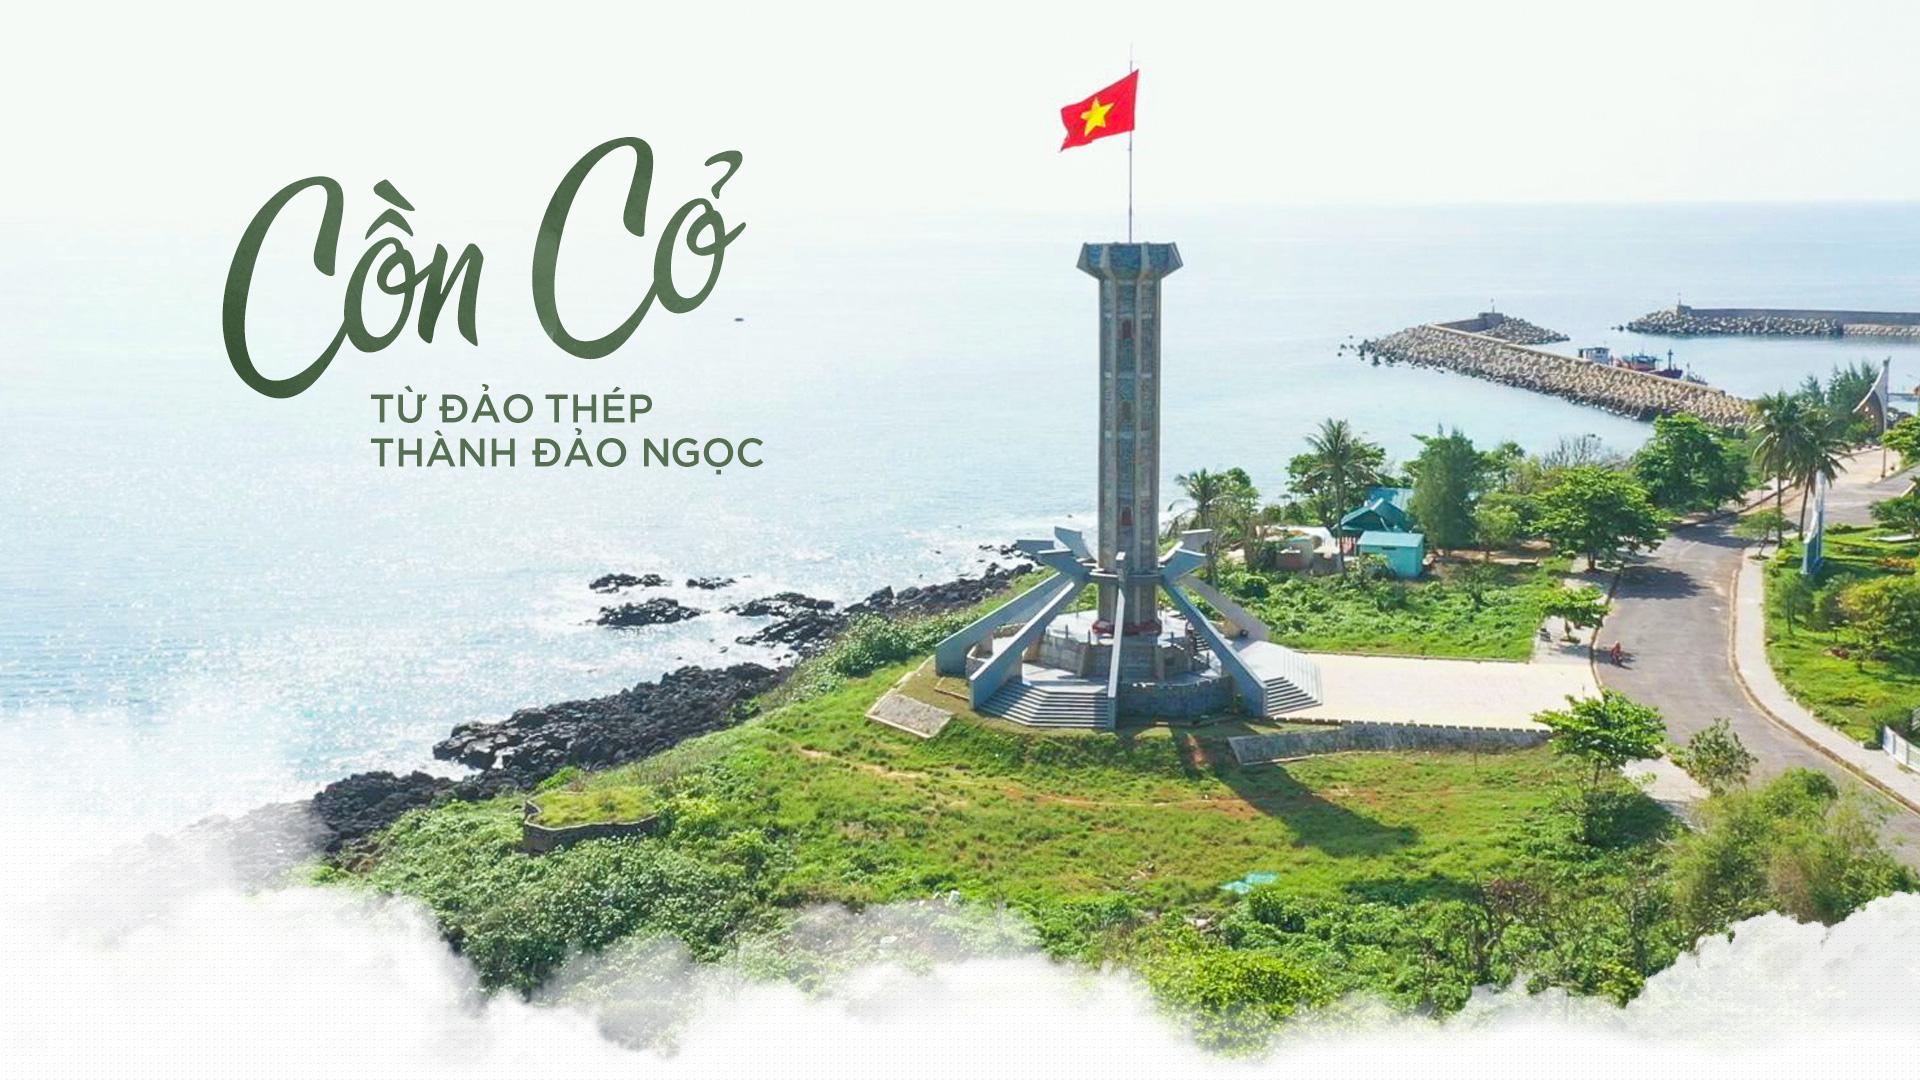 12 Huyện đảo Việt Nam chuỗi ngọc trên biển đông (P3)